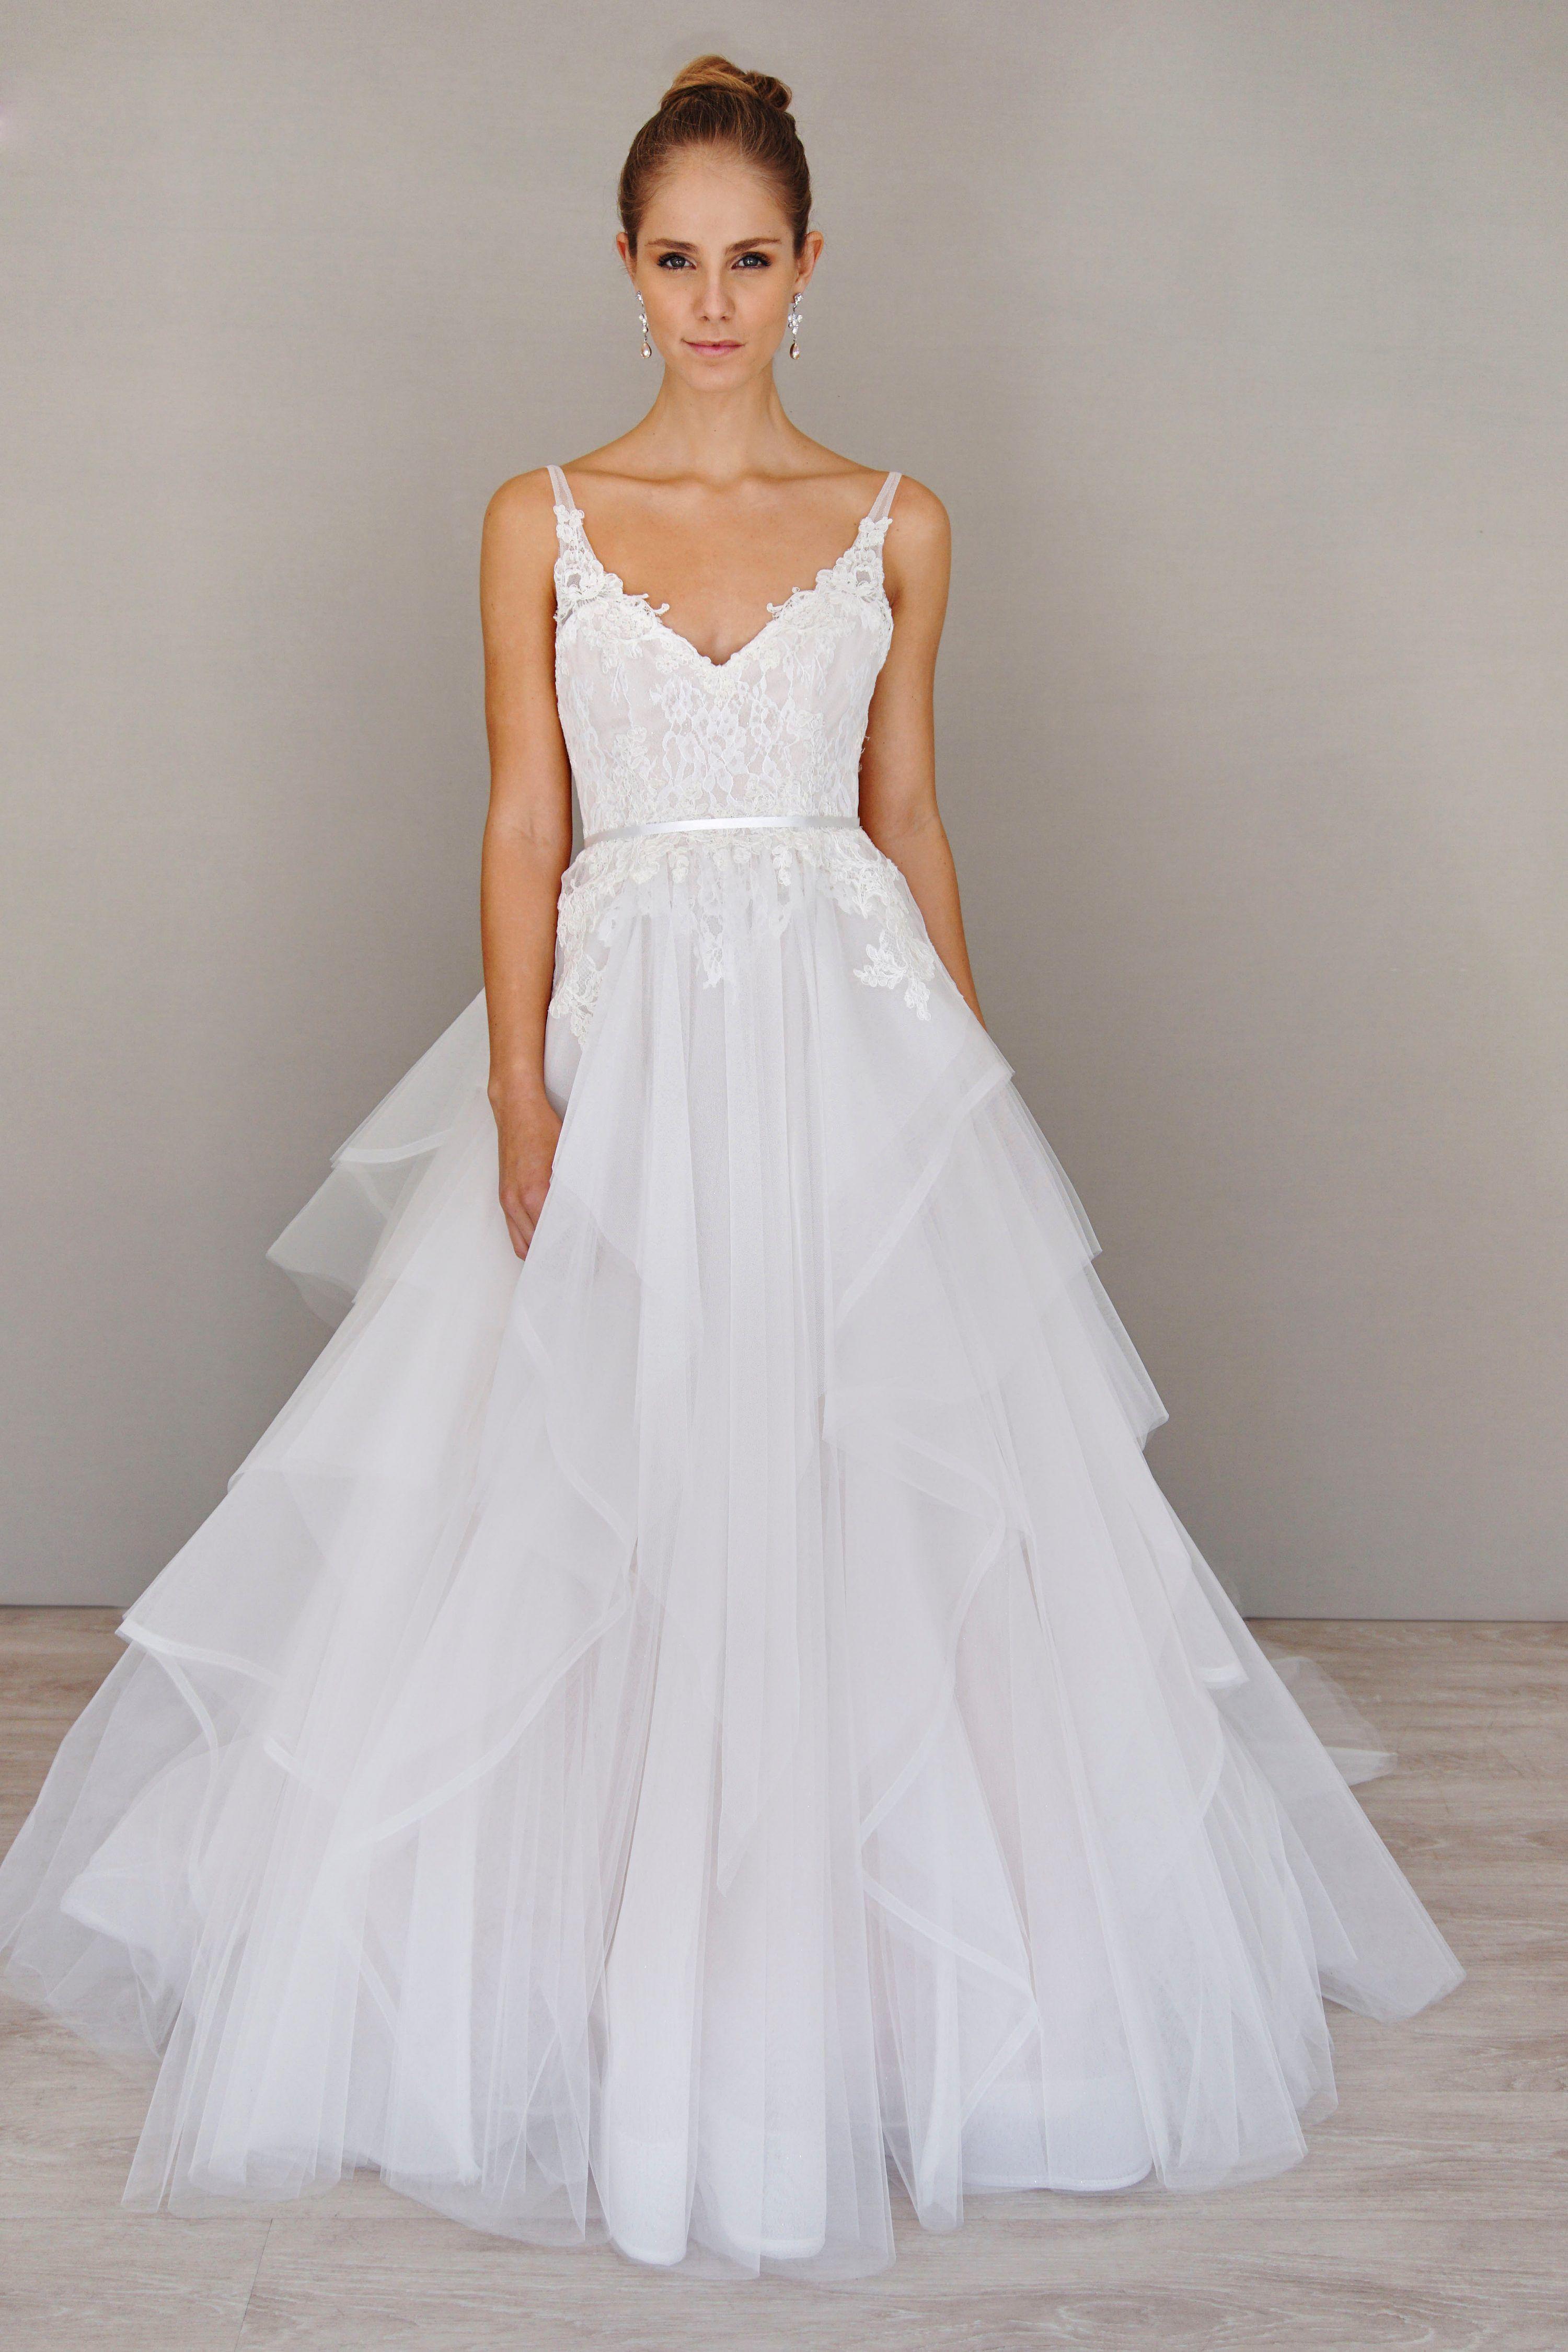 Style 9605 Alternate View | Dresses | Pinterest | Hochzeitskleider ...